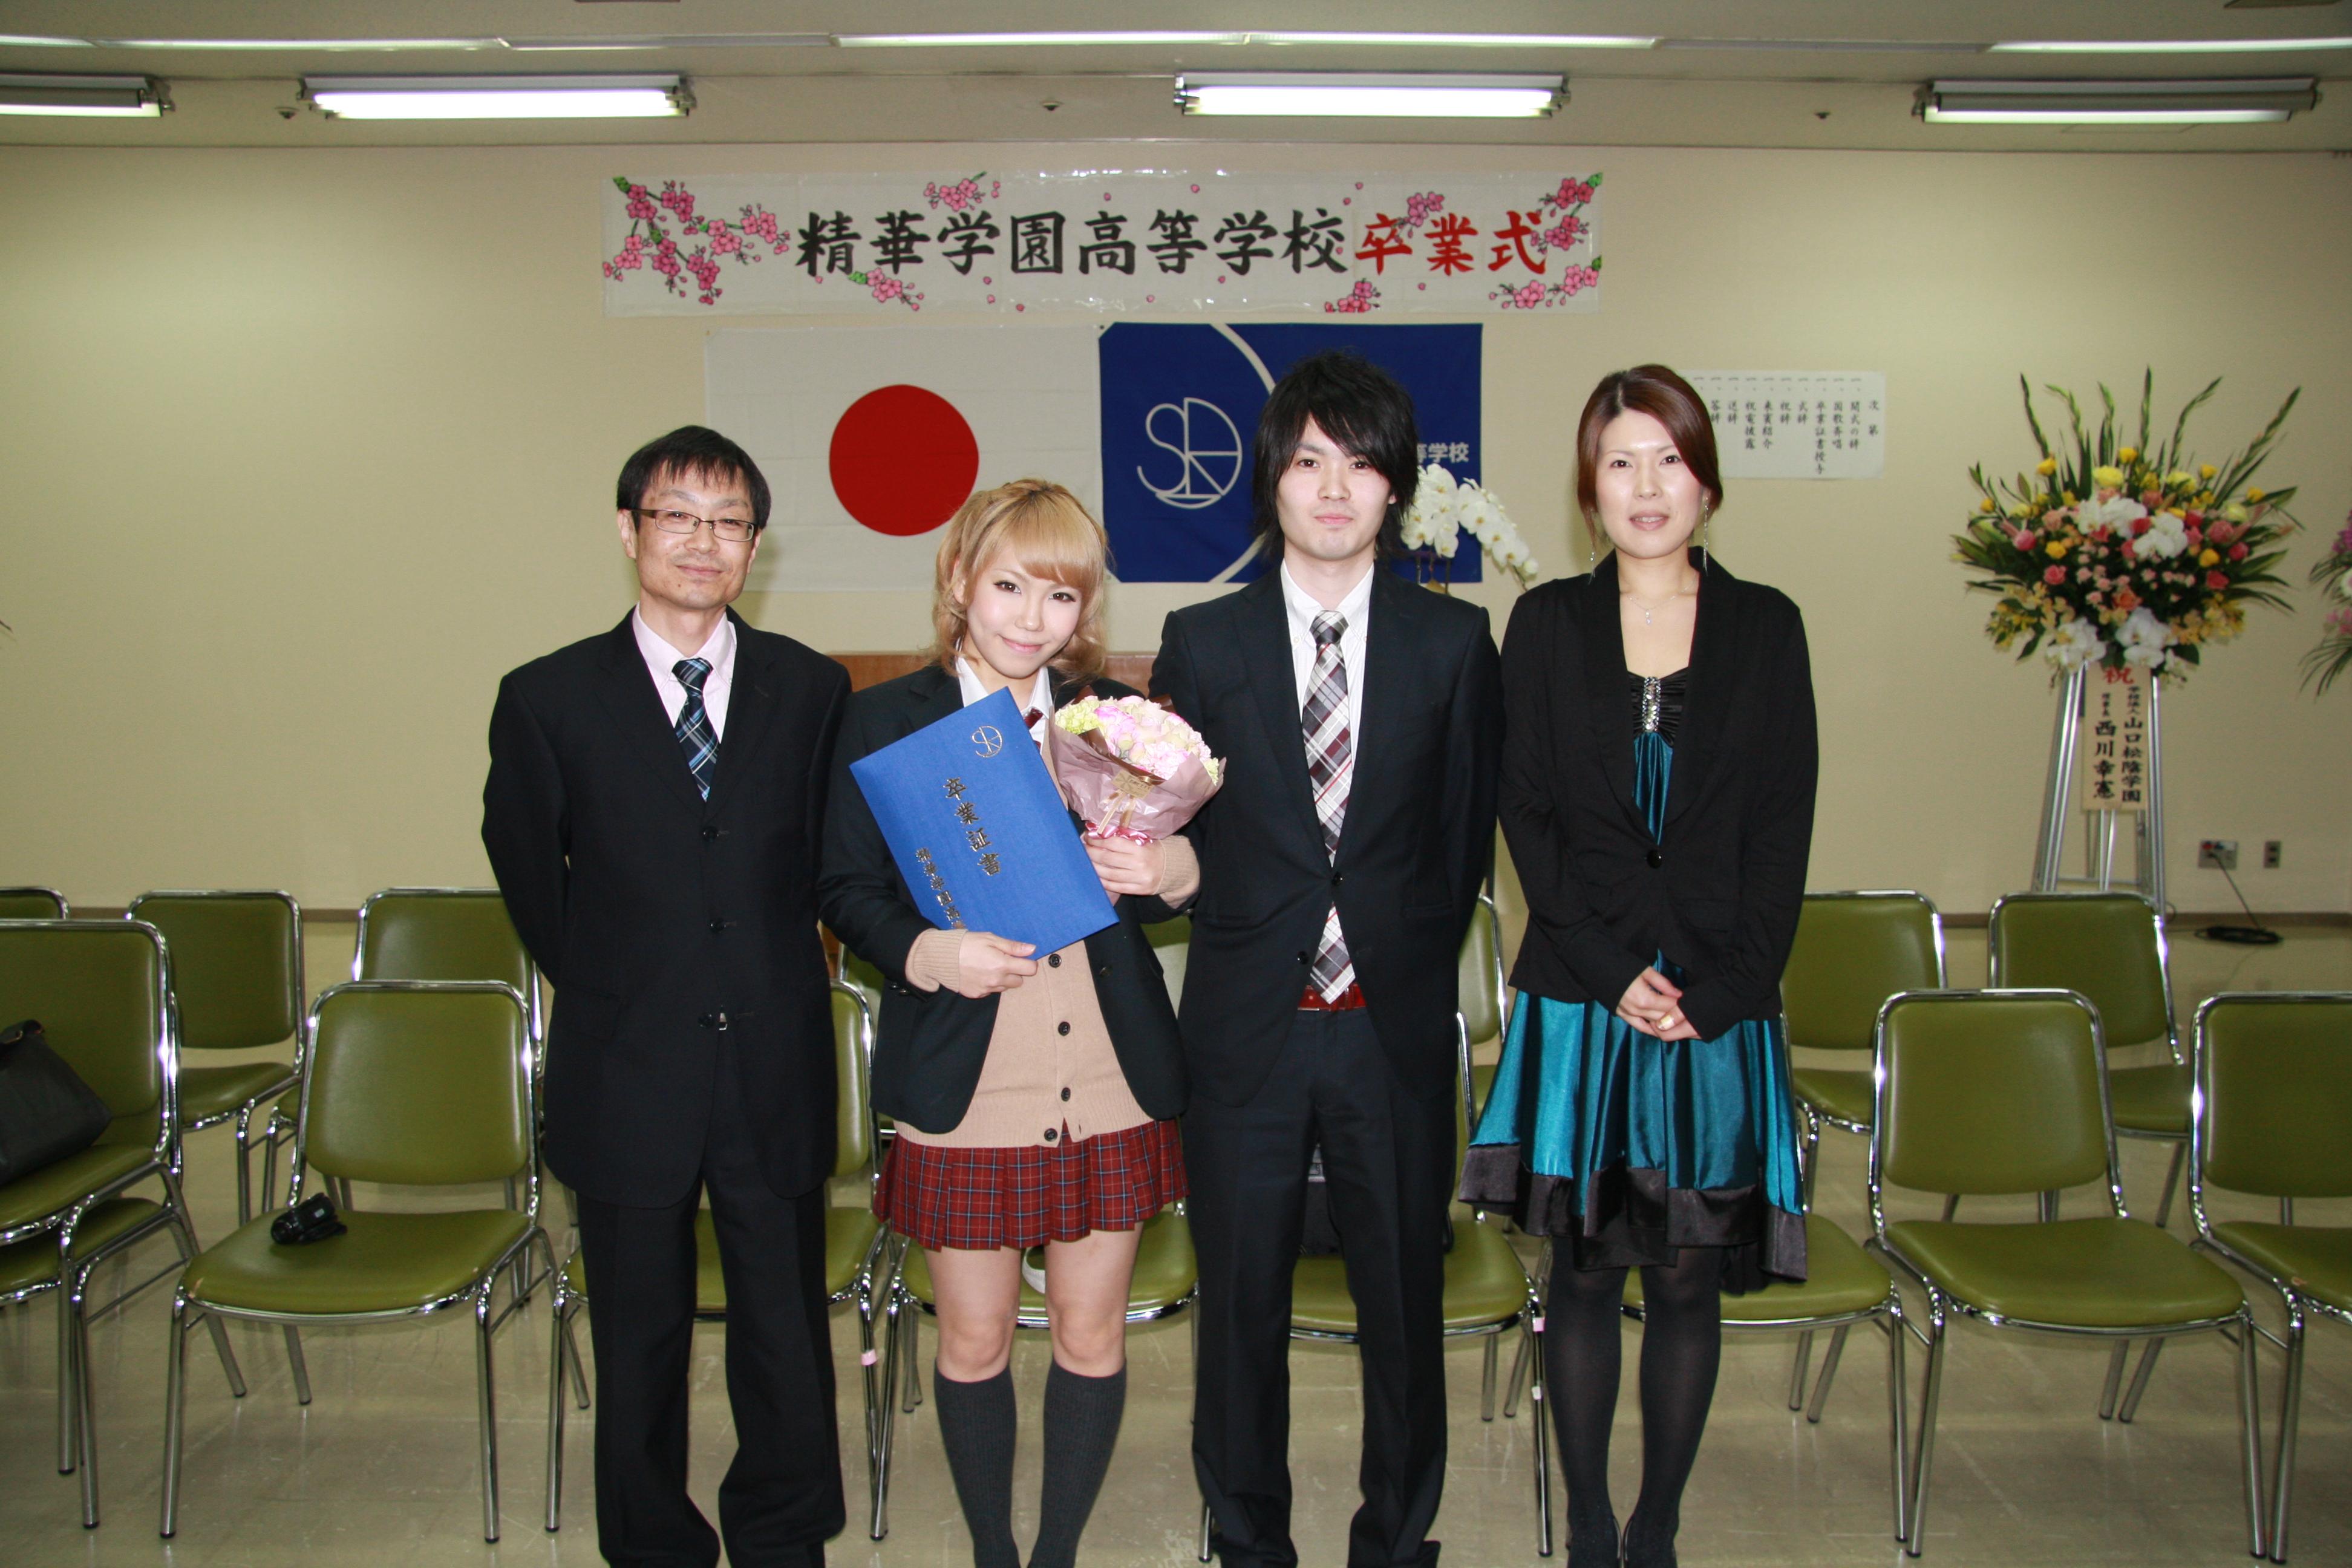 山口本校 県内卒業式 - 精華学園高等学校